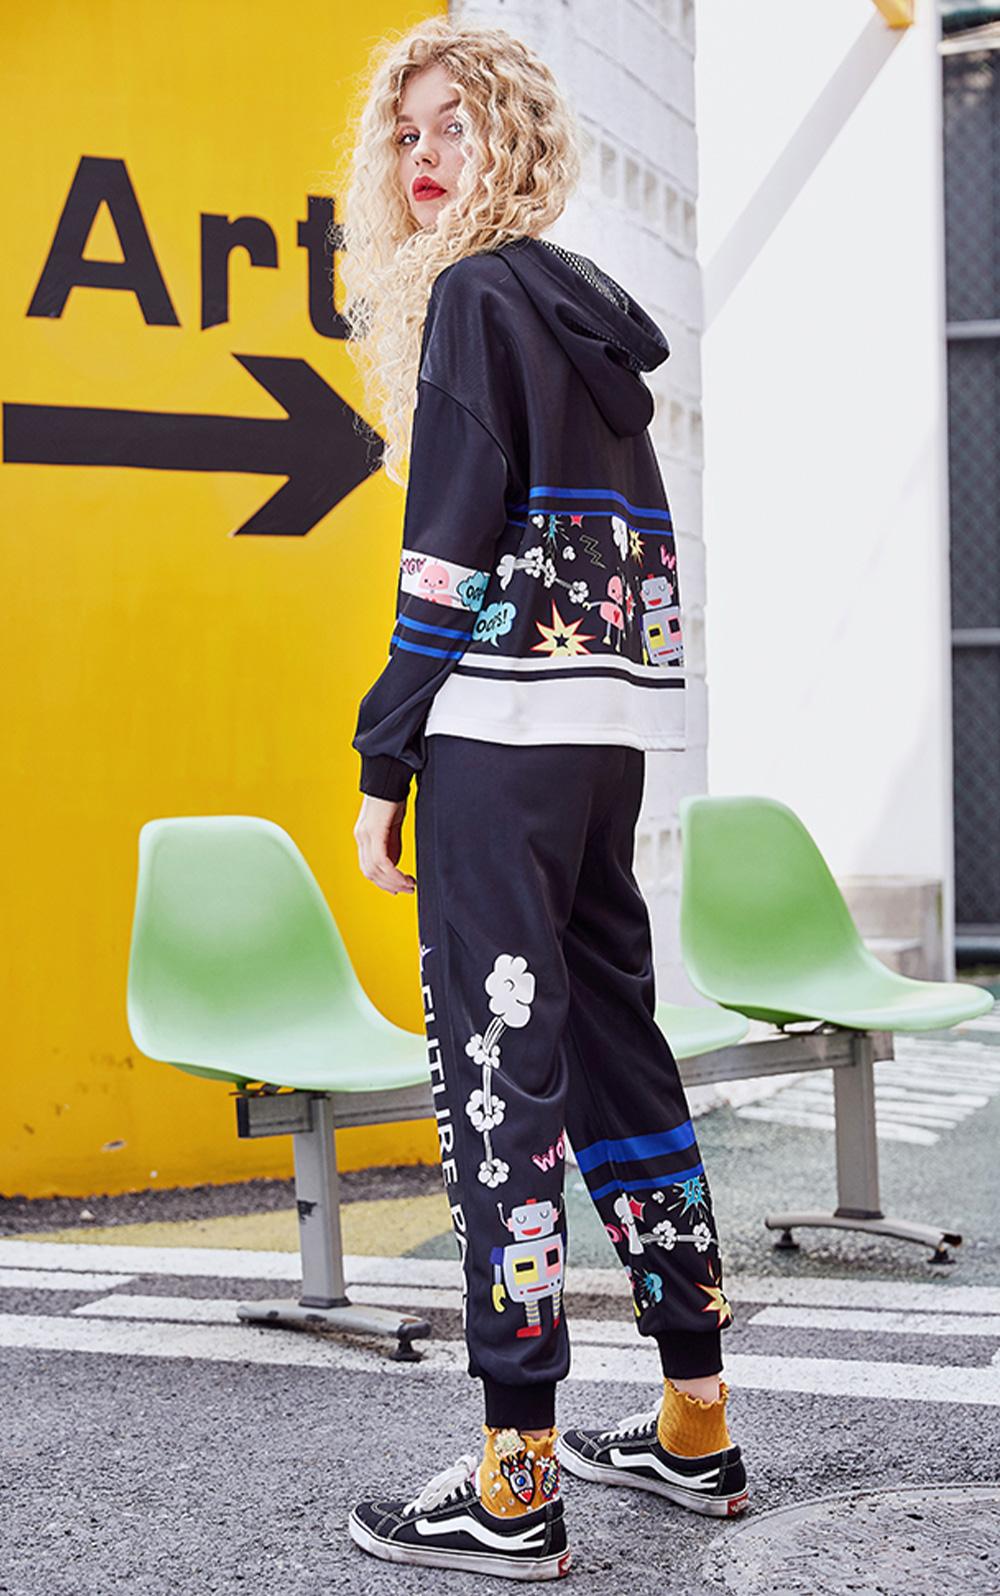 ZVBV European Style Spring Hoodie Fashionable Printing Hoodie Loose Top Coat Long Sleeve Contrast Cover Hoodie 5